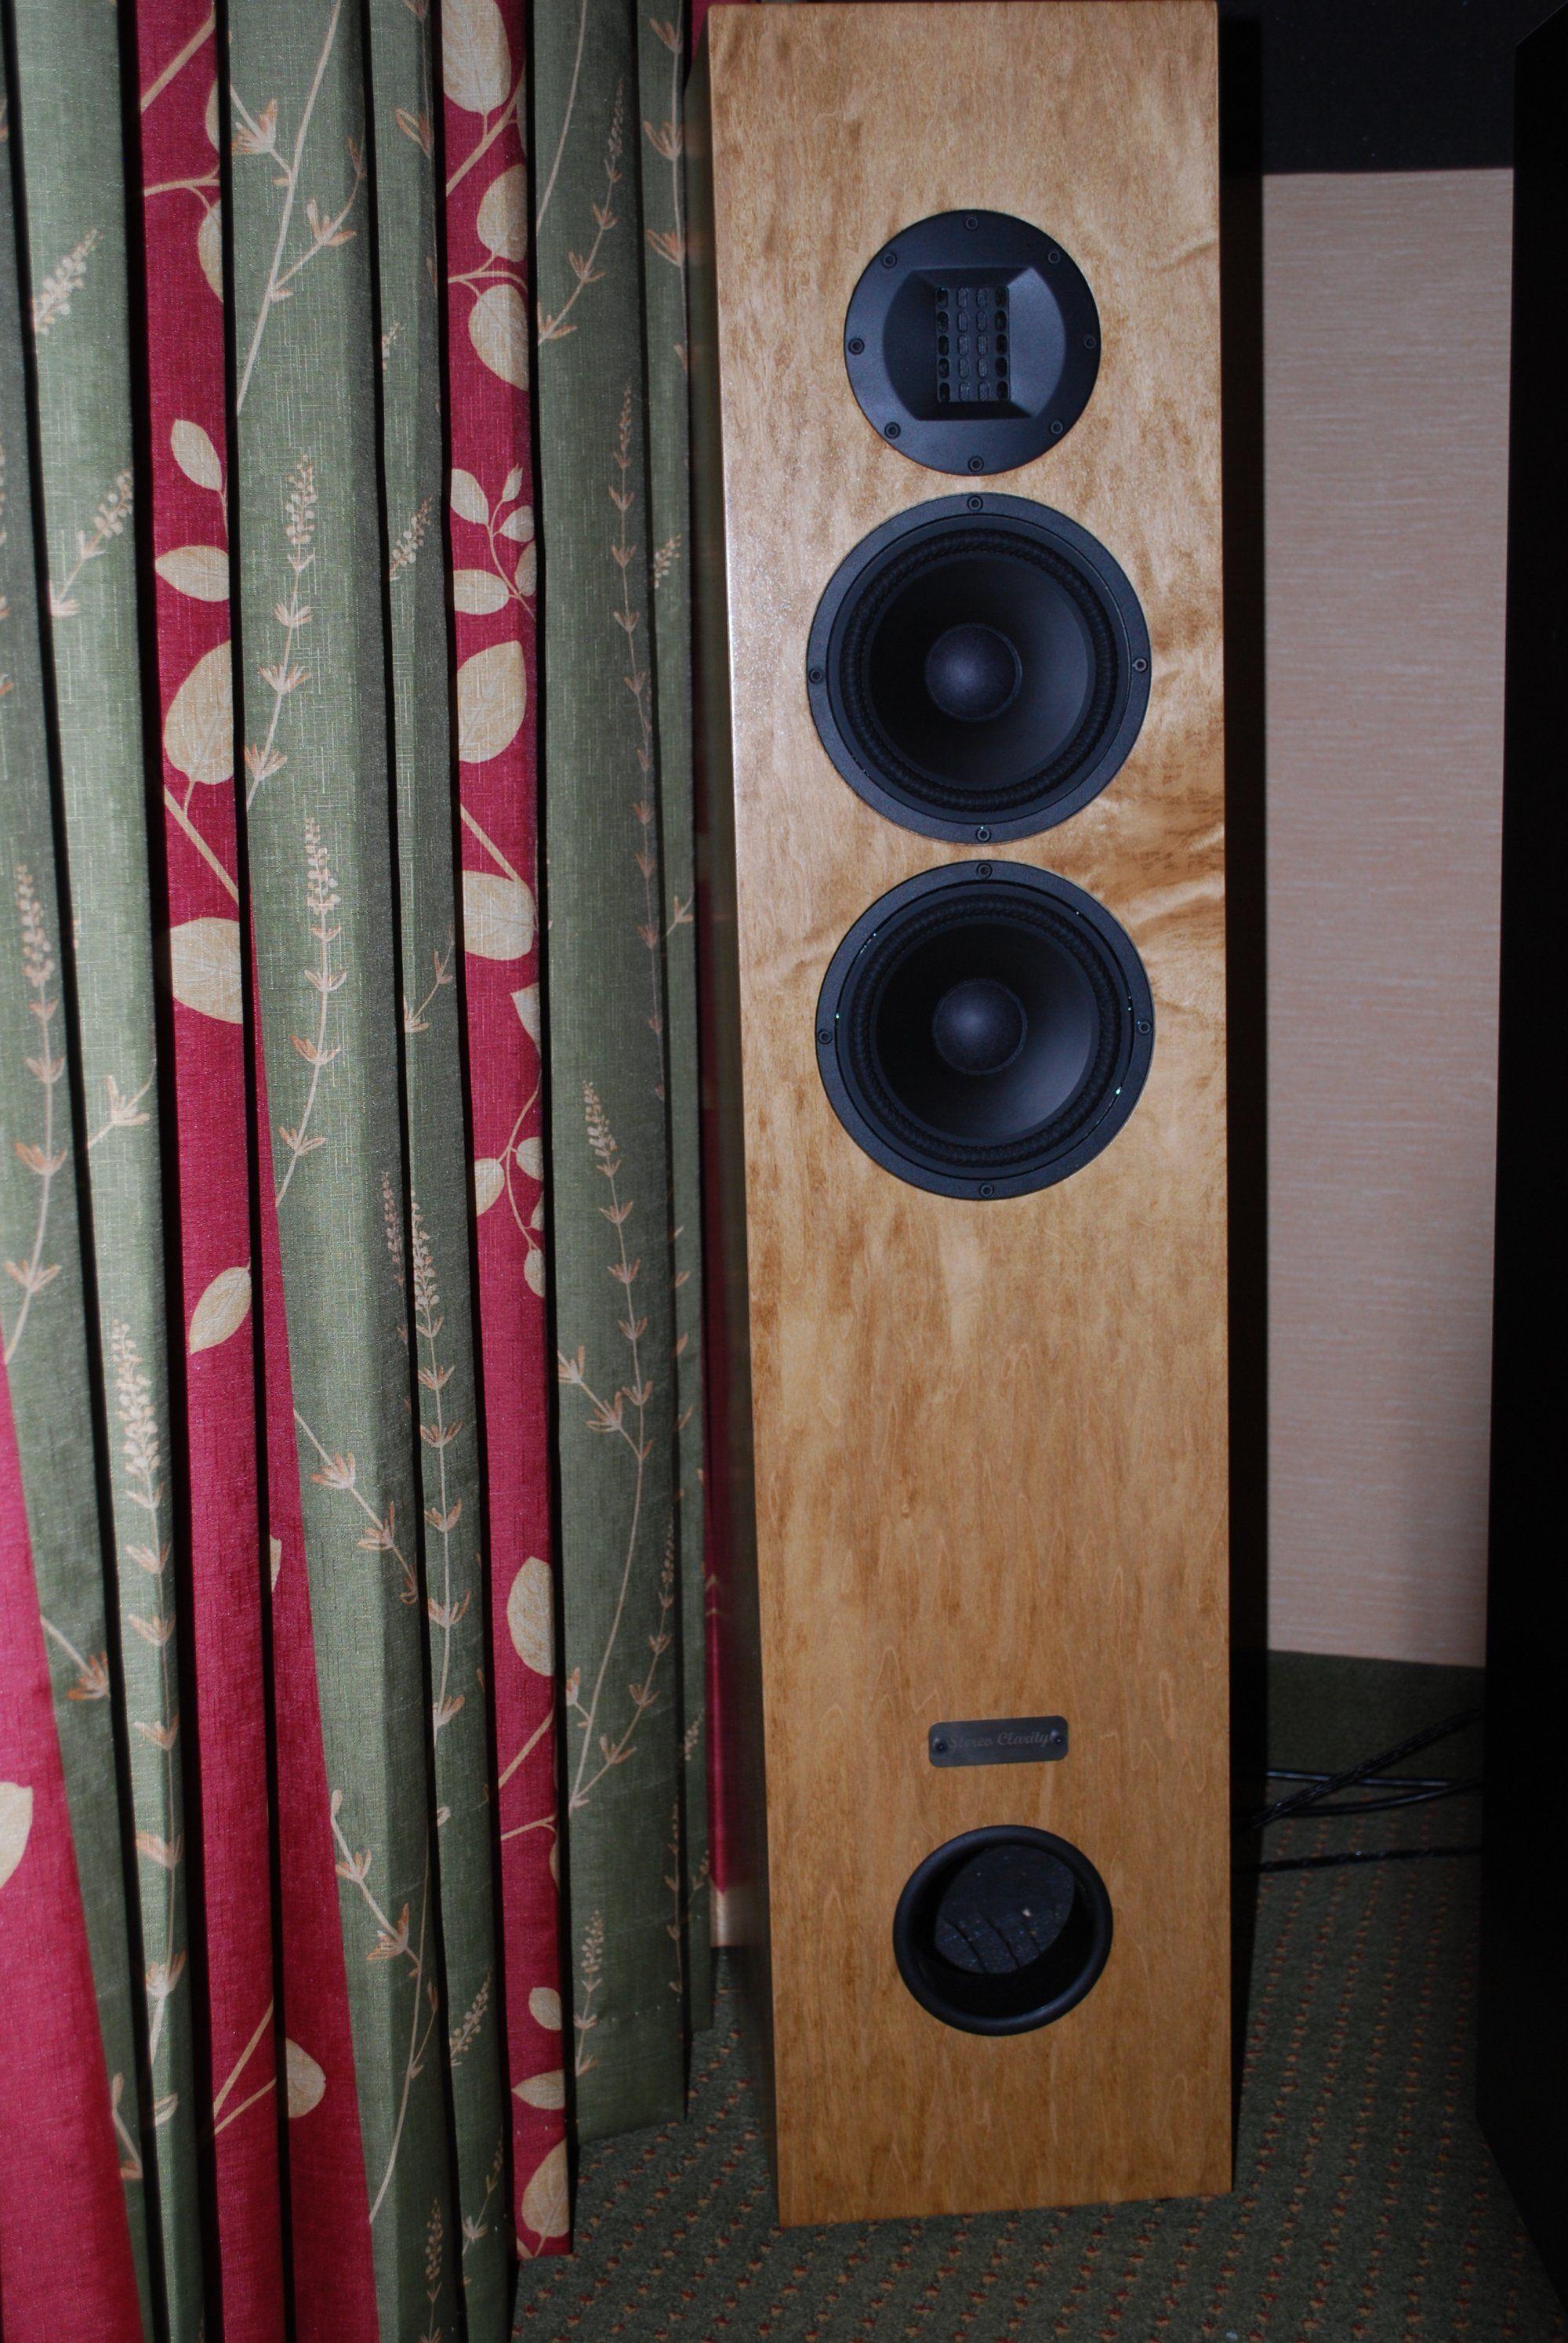 http://lonestaraudiofest.com/2011/Photos/LSAF_2011_033.jpg